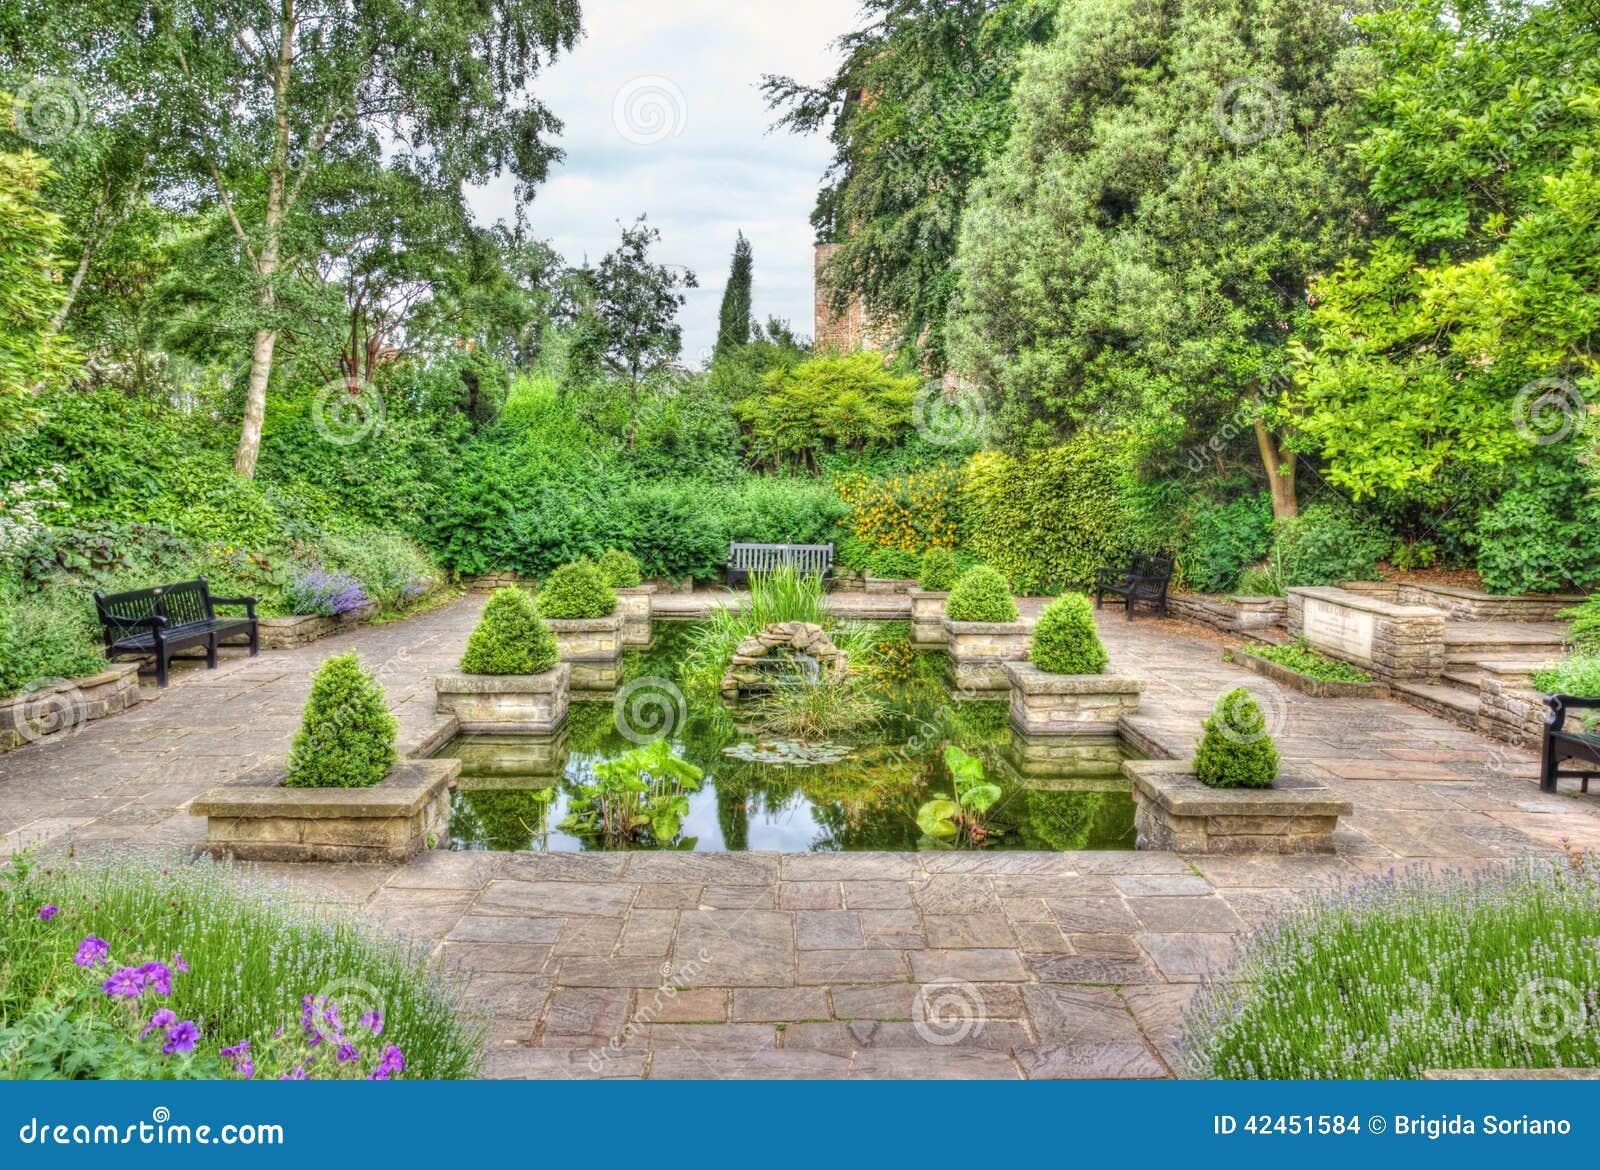 Idyllischer Garten mit Teich